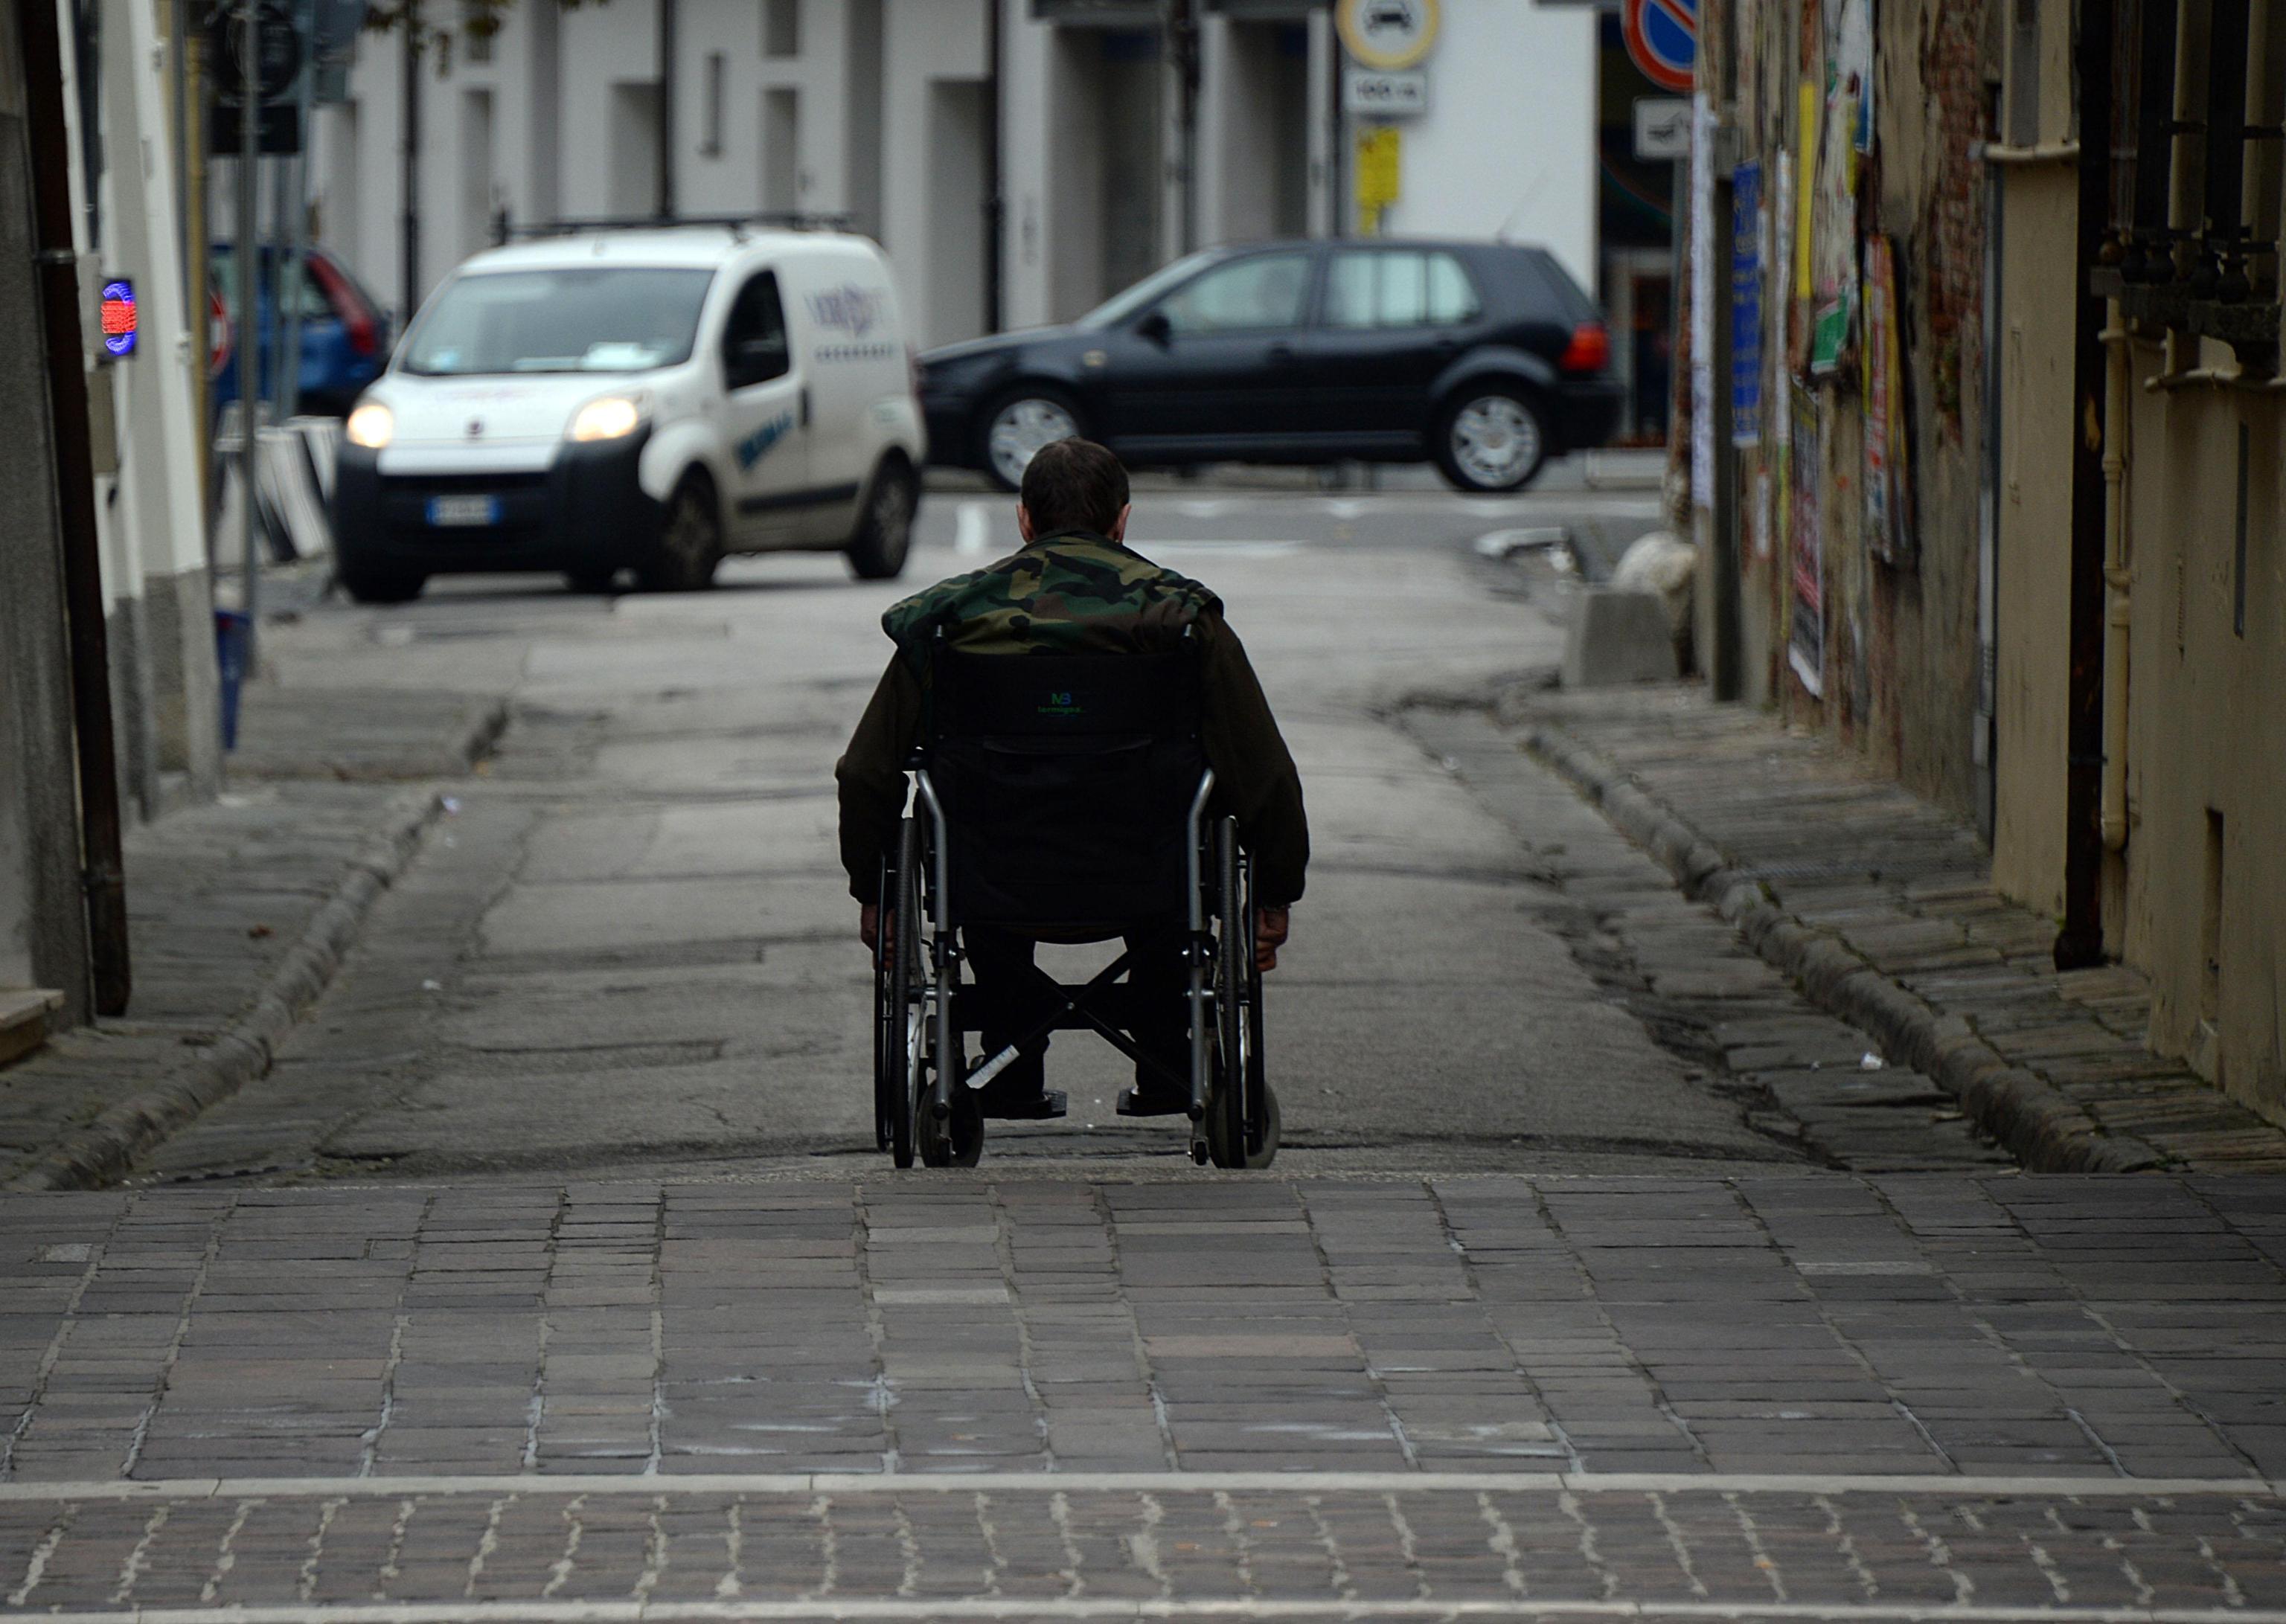 Disabili gravi, la Lombardia dimezza l'assegno mensile: la rabbia delle associazioni